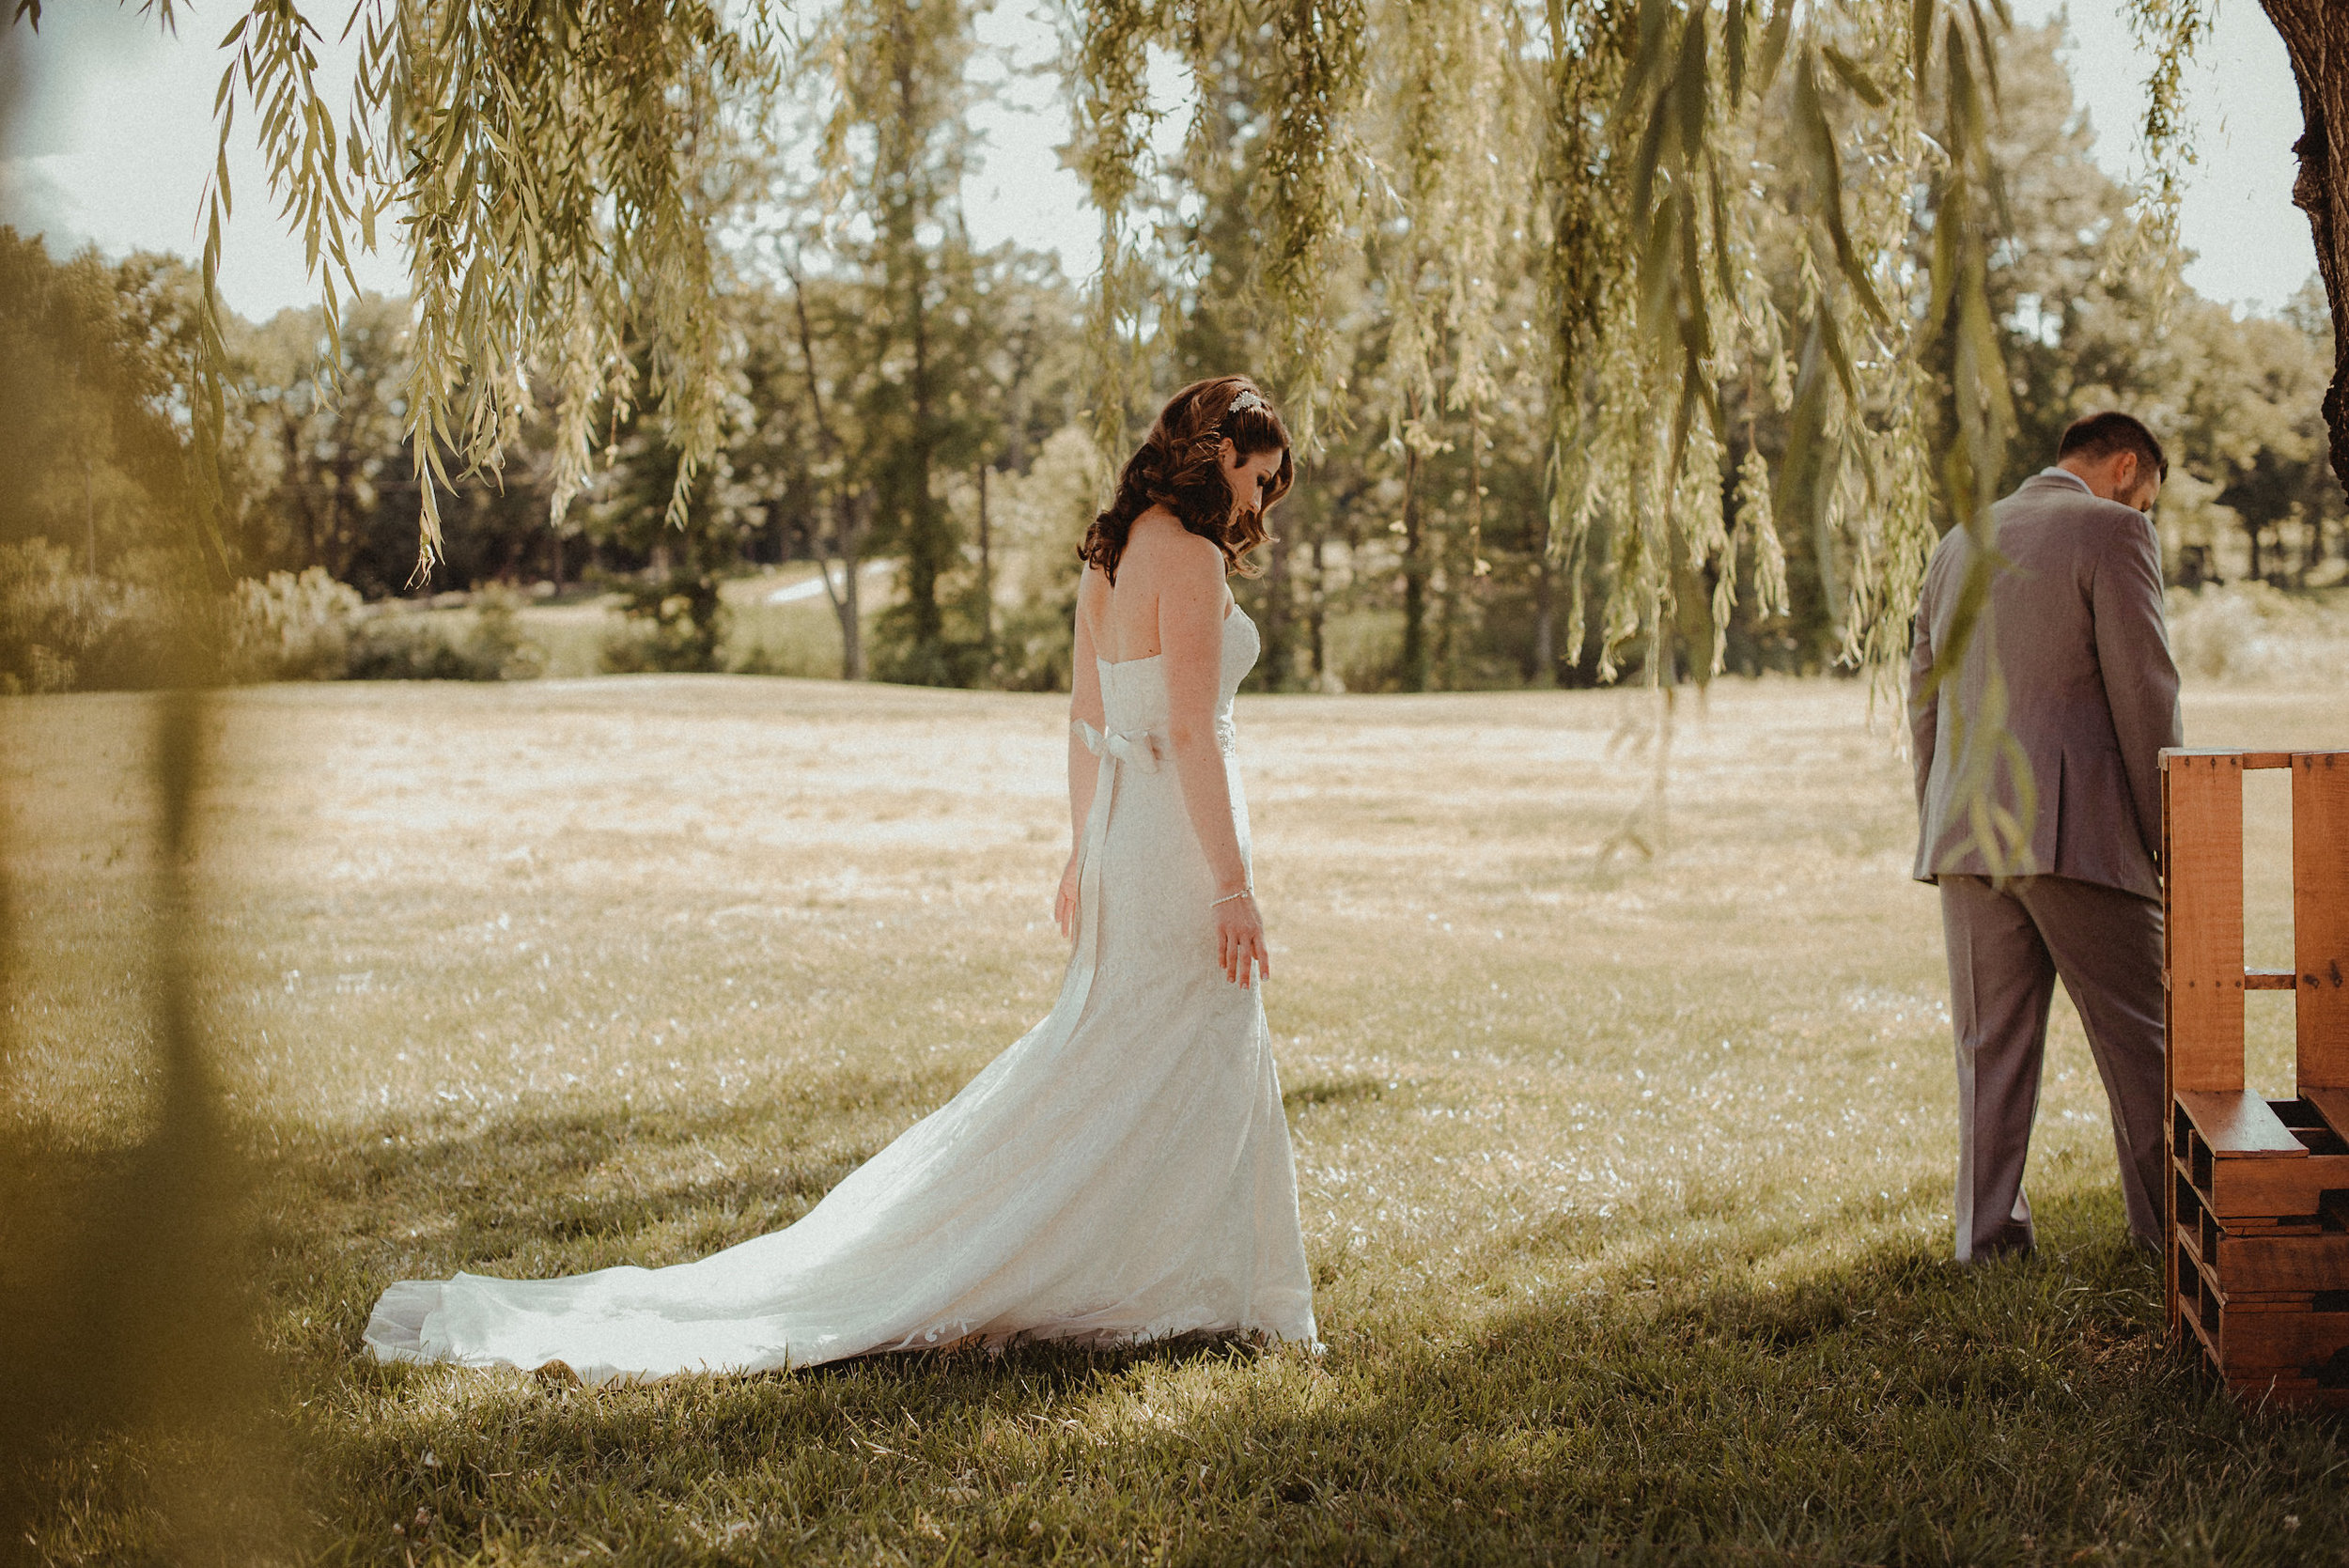 Bride walking behind groom